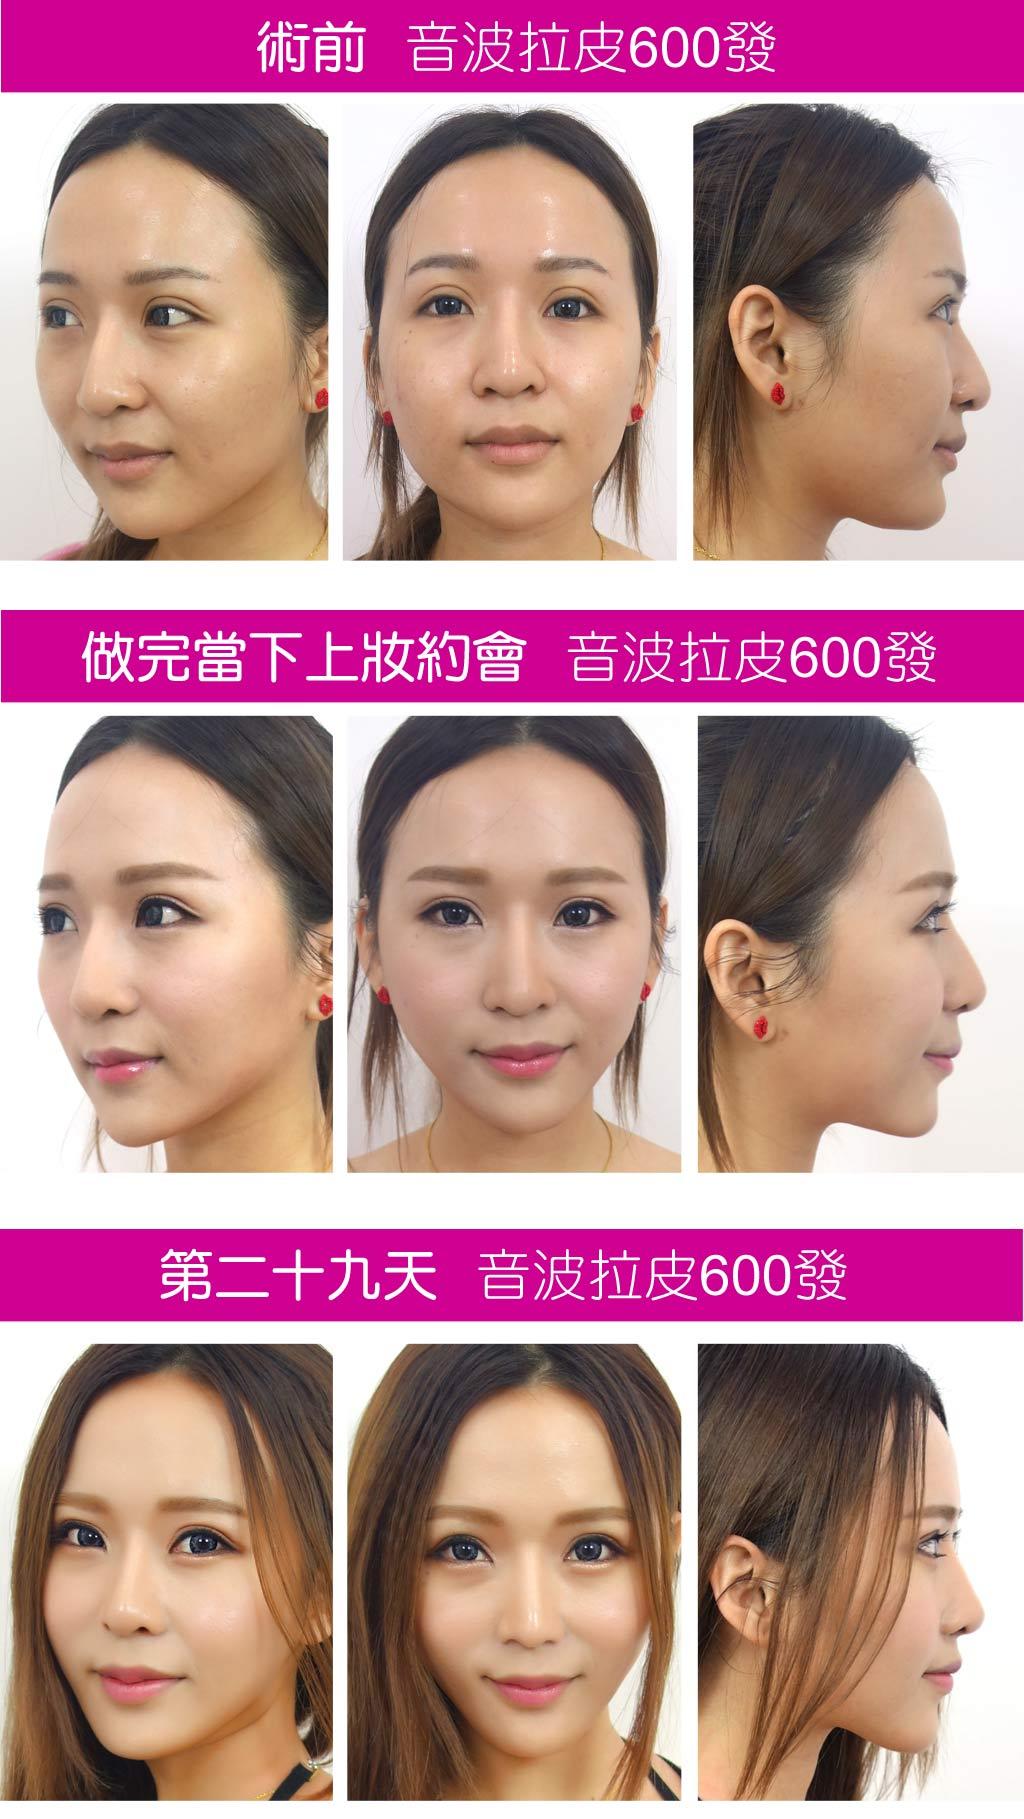 術前術中術後_改變_因波拉皮_黃宣蓉醫師_恆麗美型